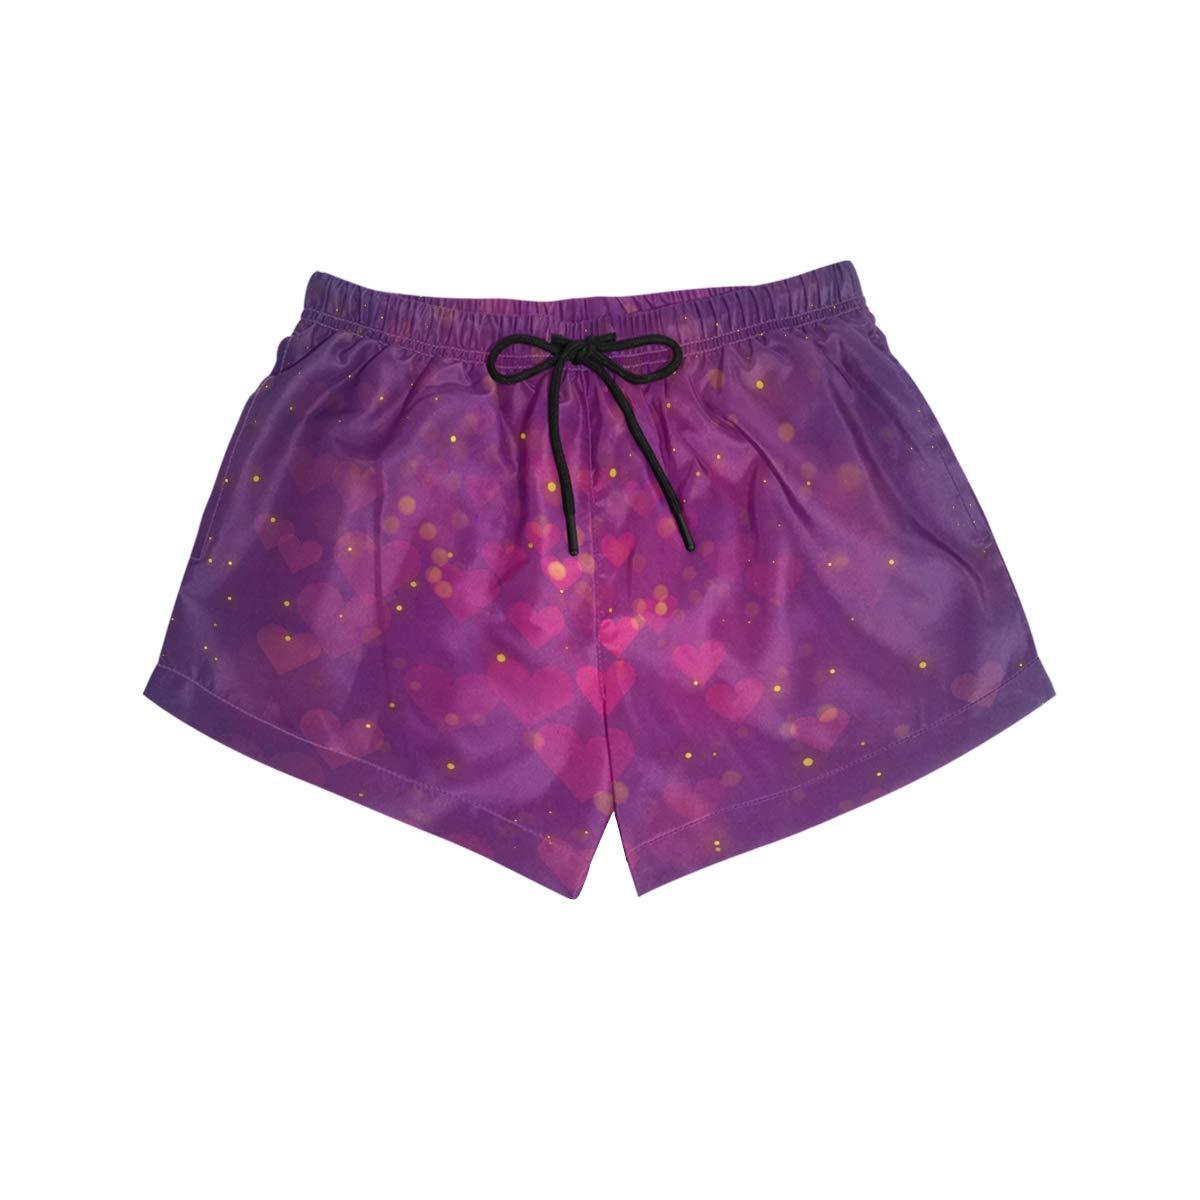 Women Swim Trunks Purple Rosy Heart Pattern Love Lighting Beach Board Shorts